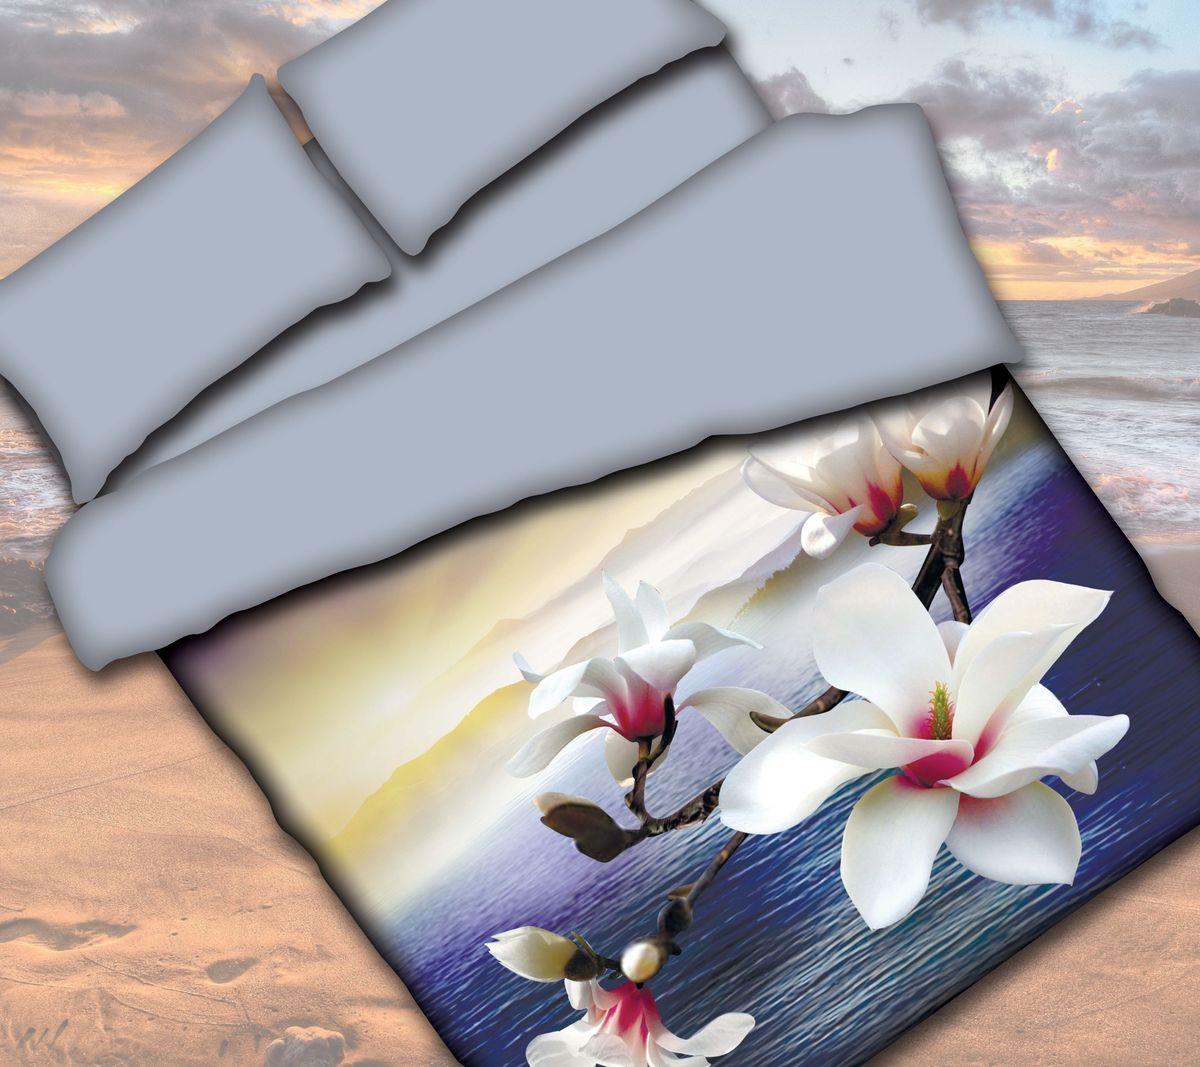 Комплект белья Коллекция Орхидея, 1,5-спальный, наволочки 50x70. СРП1,5/50/ОЗ/орхСРП1,5/50/ОЗ/орхКомплект постельного белья Коллекция прекрасно украсит любой интерьер. Выполнен из сатина. Сатин - это гладкая и прочная ткань, которая своим блеском, легкостью и гладкостью очень похожа на шелк. Ткань практически не мнется, поэтому его можно не гладить. Он практичен, так как хорошо переносит множественные стирки. Комплект включает в себя: простыню 160 х 224 см, пододеяльник 150 х 210 см,2 наволочки 50 х 70 см.